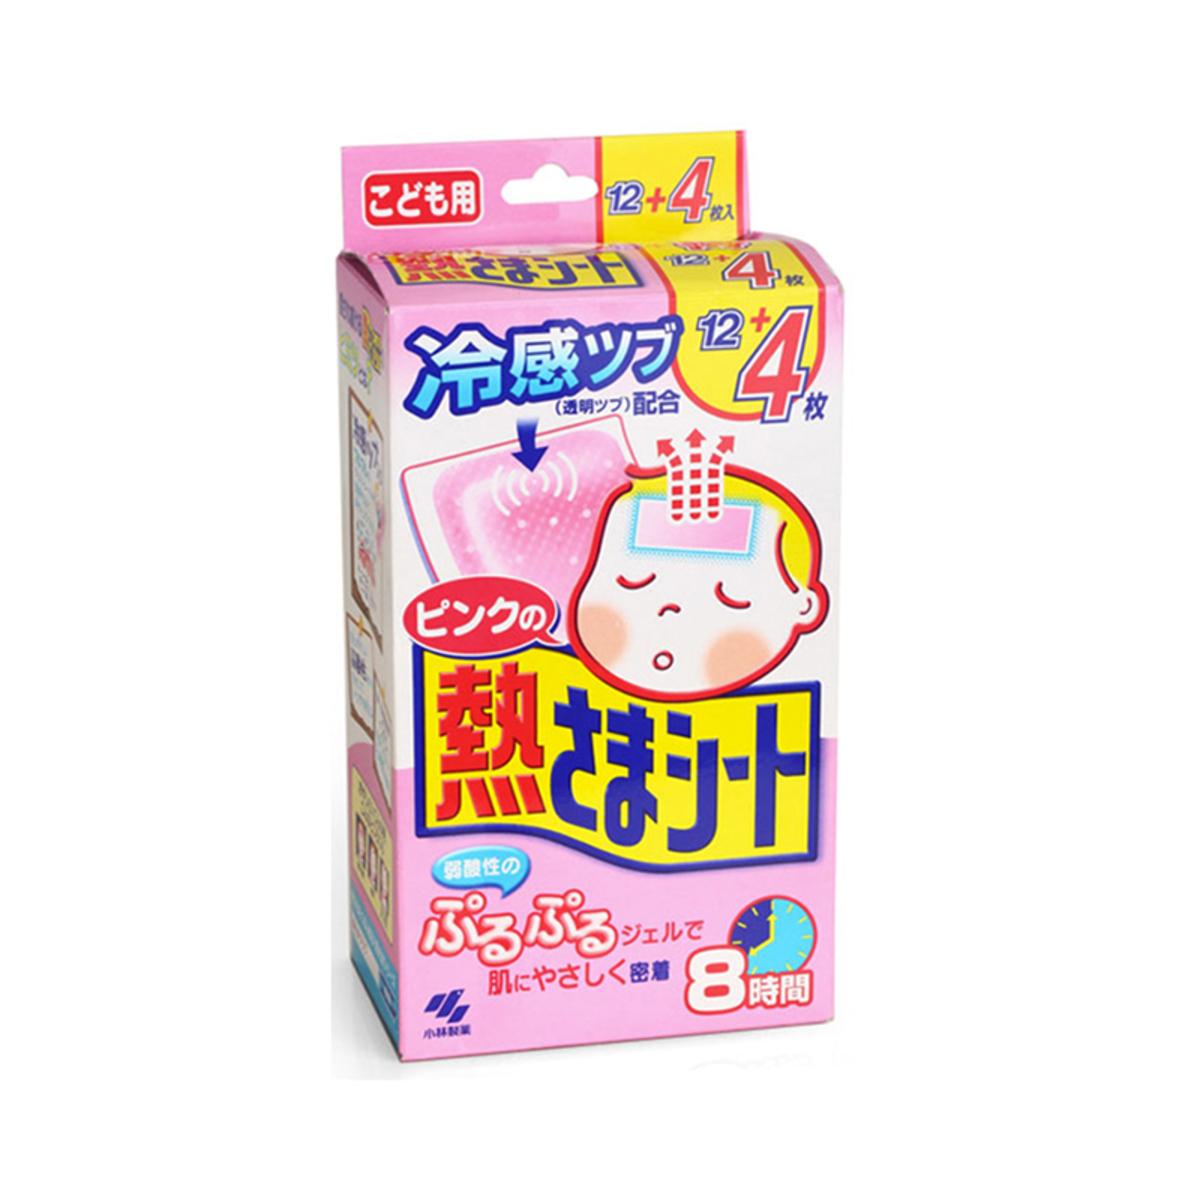 小童退熱貼 (粉紅) 12+4枚(日本版)